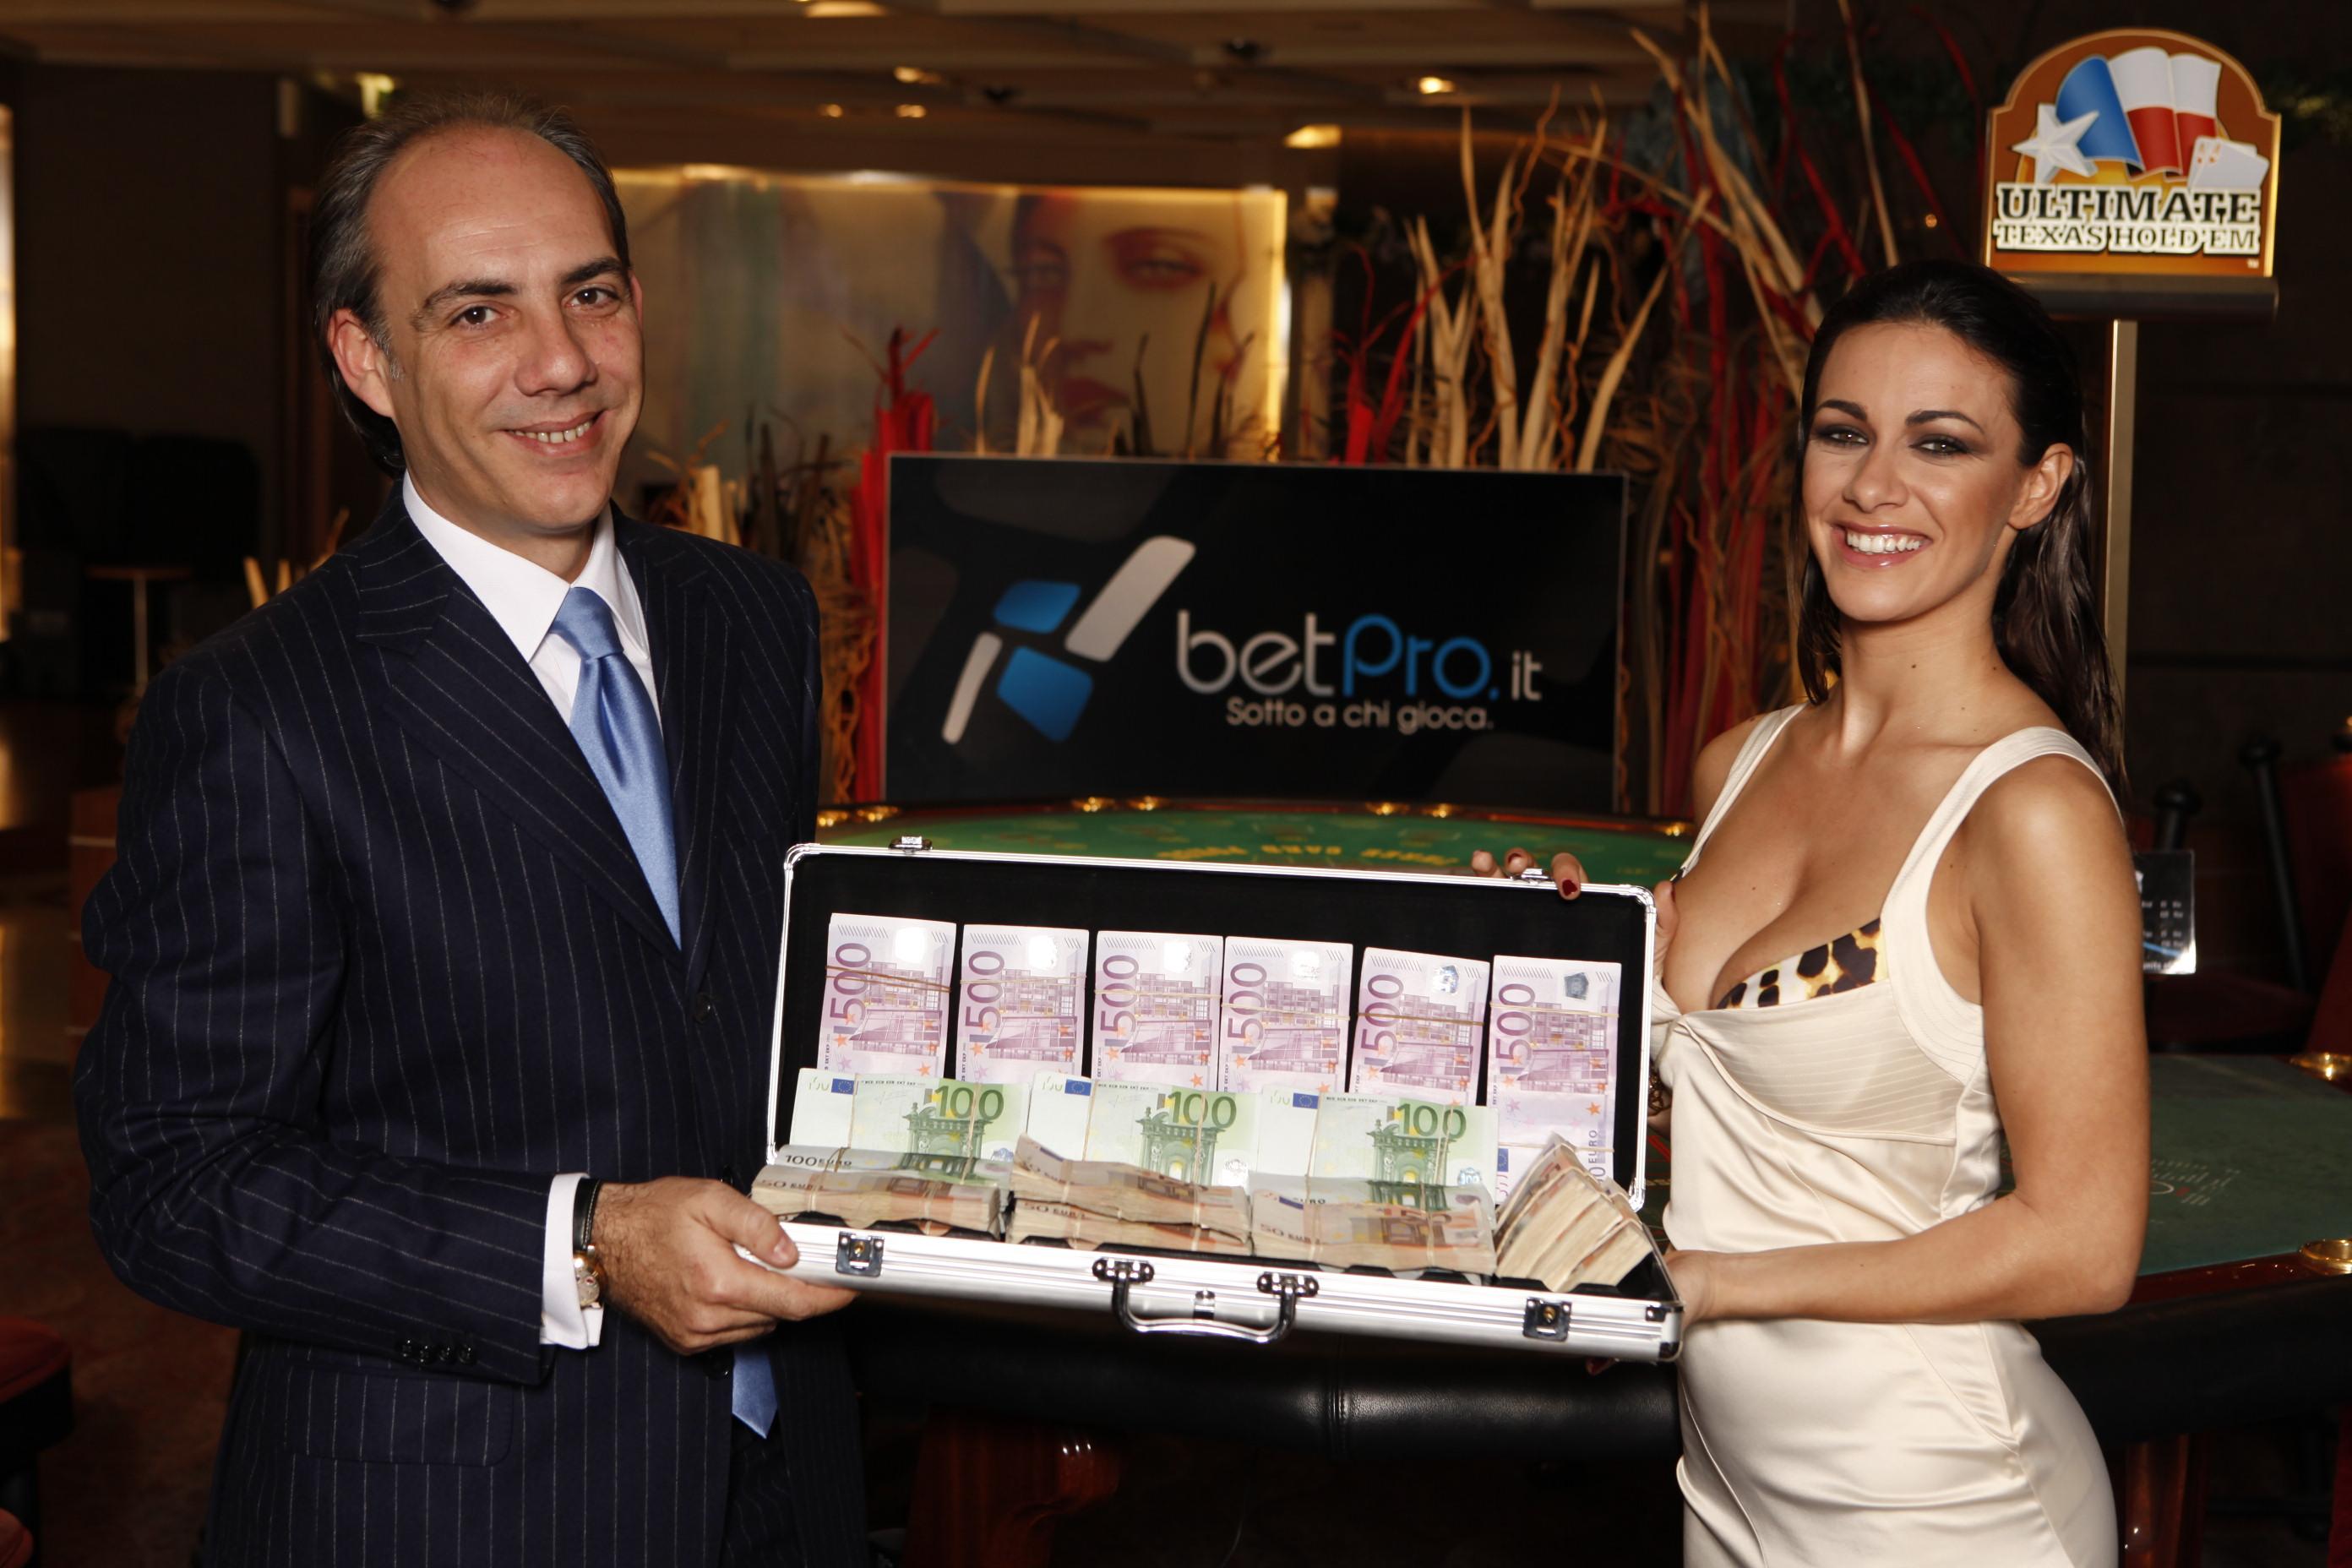 Poker rooms in malta schlage brass mail slot